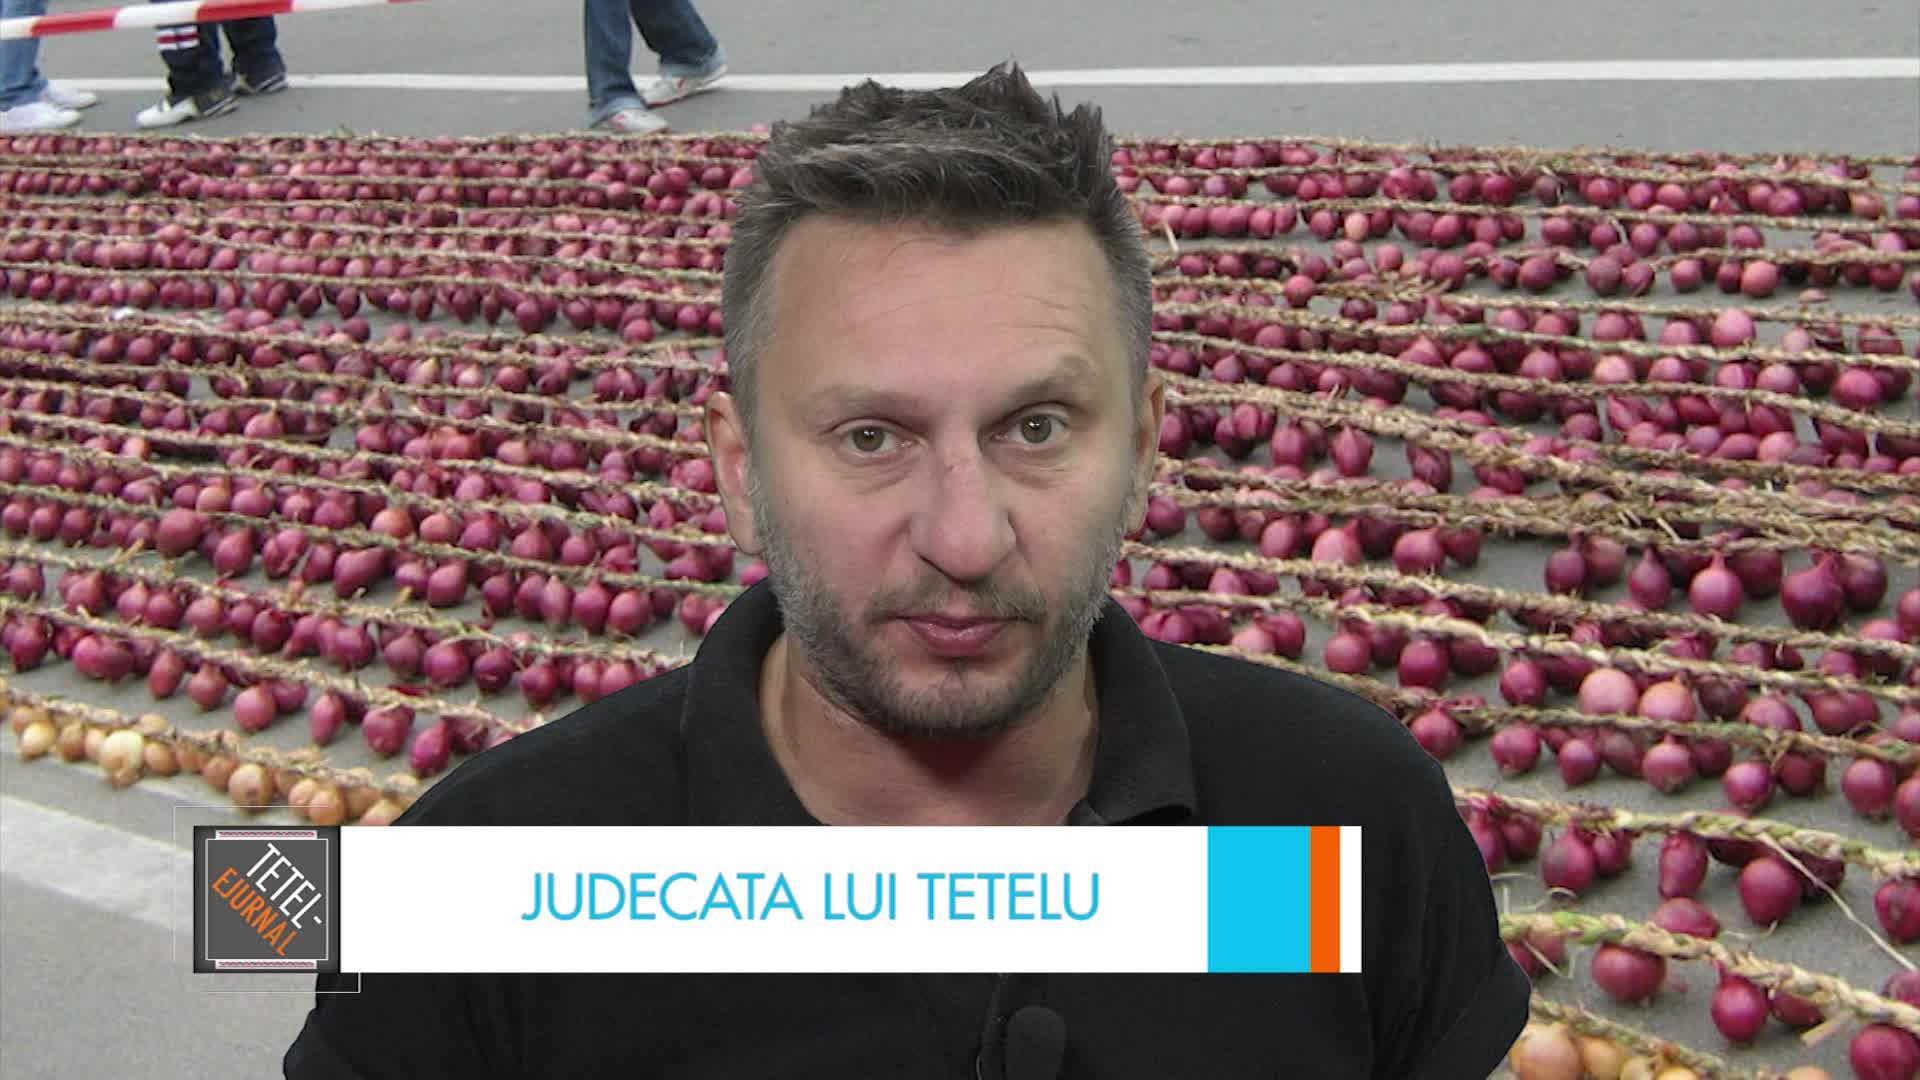 Judecata lui Tetelu: Promoţie la maioneză